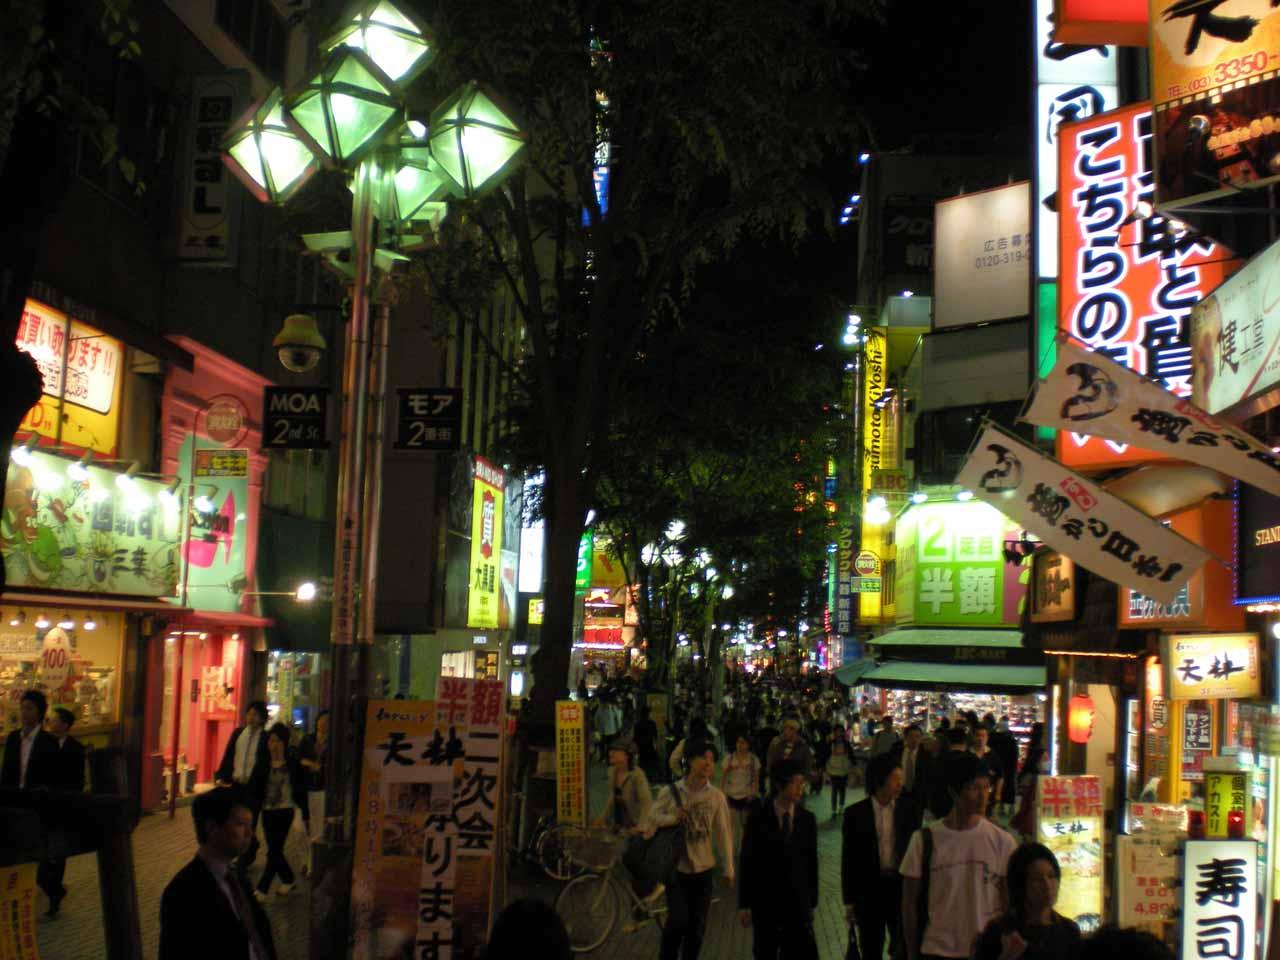 Walking amongst the crowds in Shinjuku